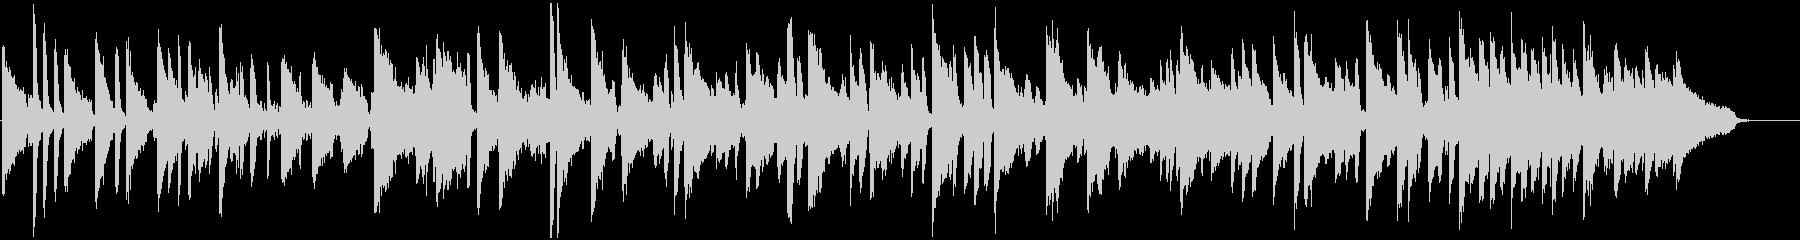 ピアノとオルガンのほっこりブルースの未再生の波形